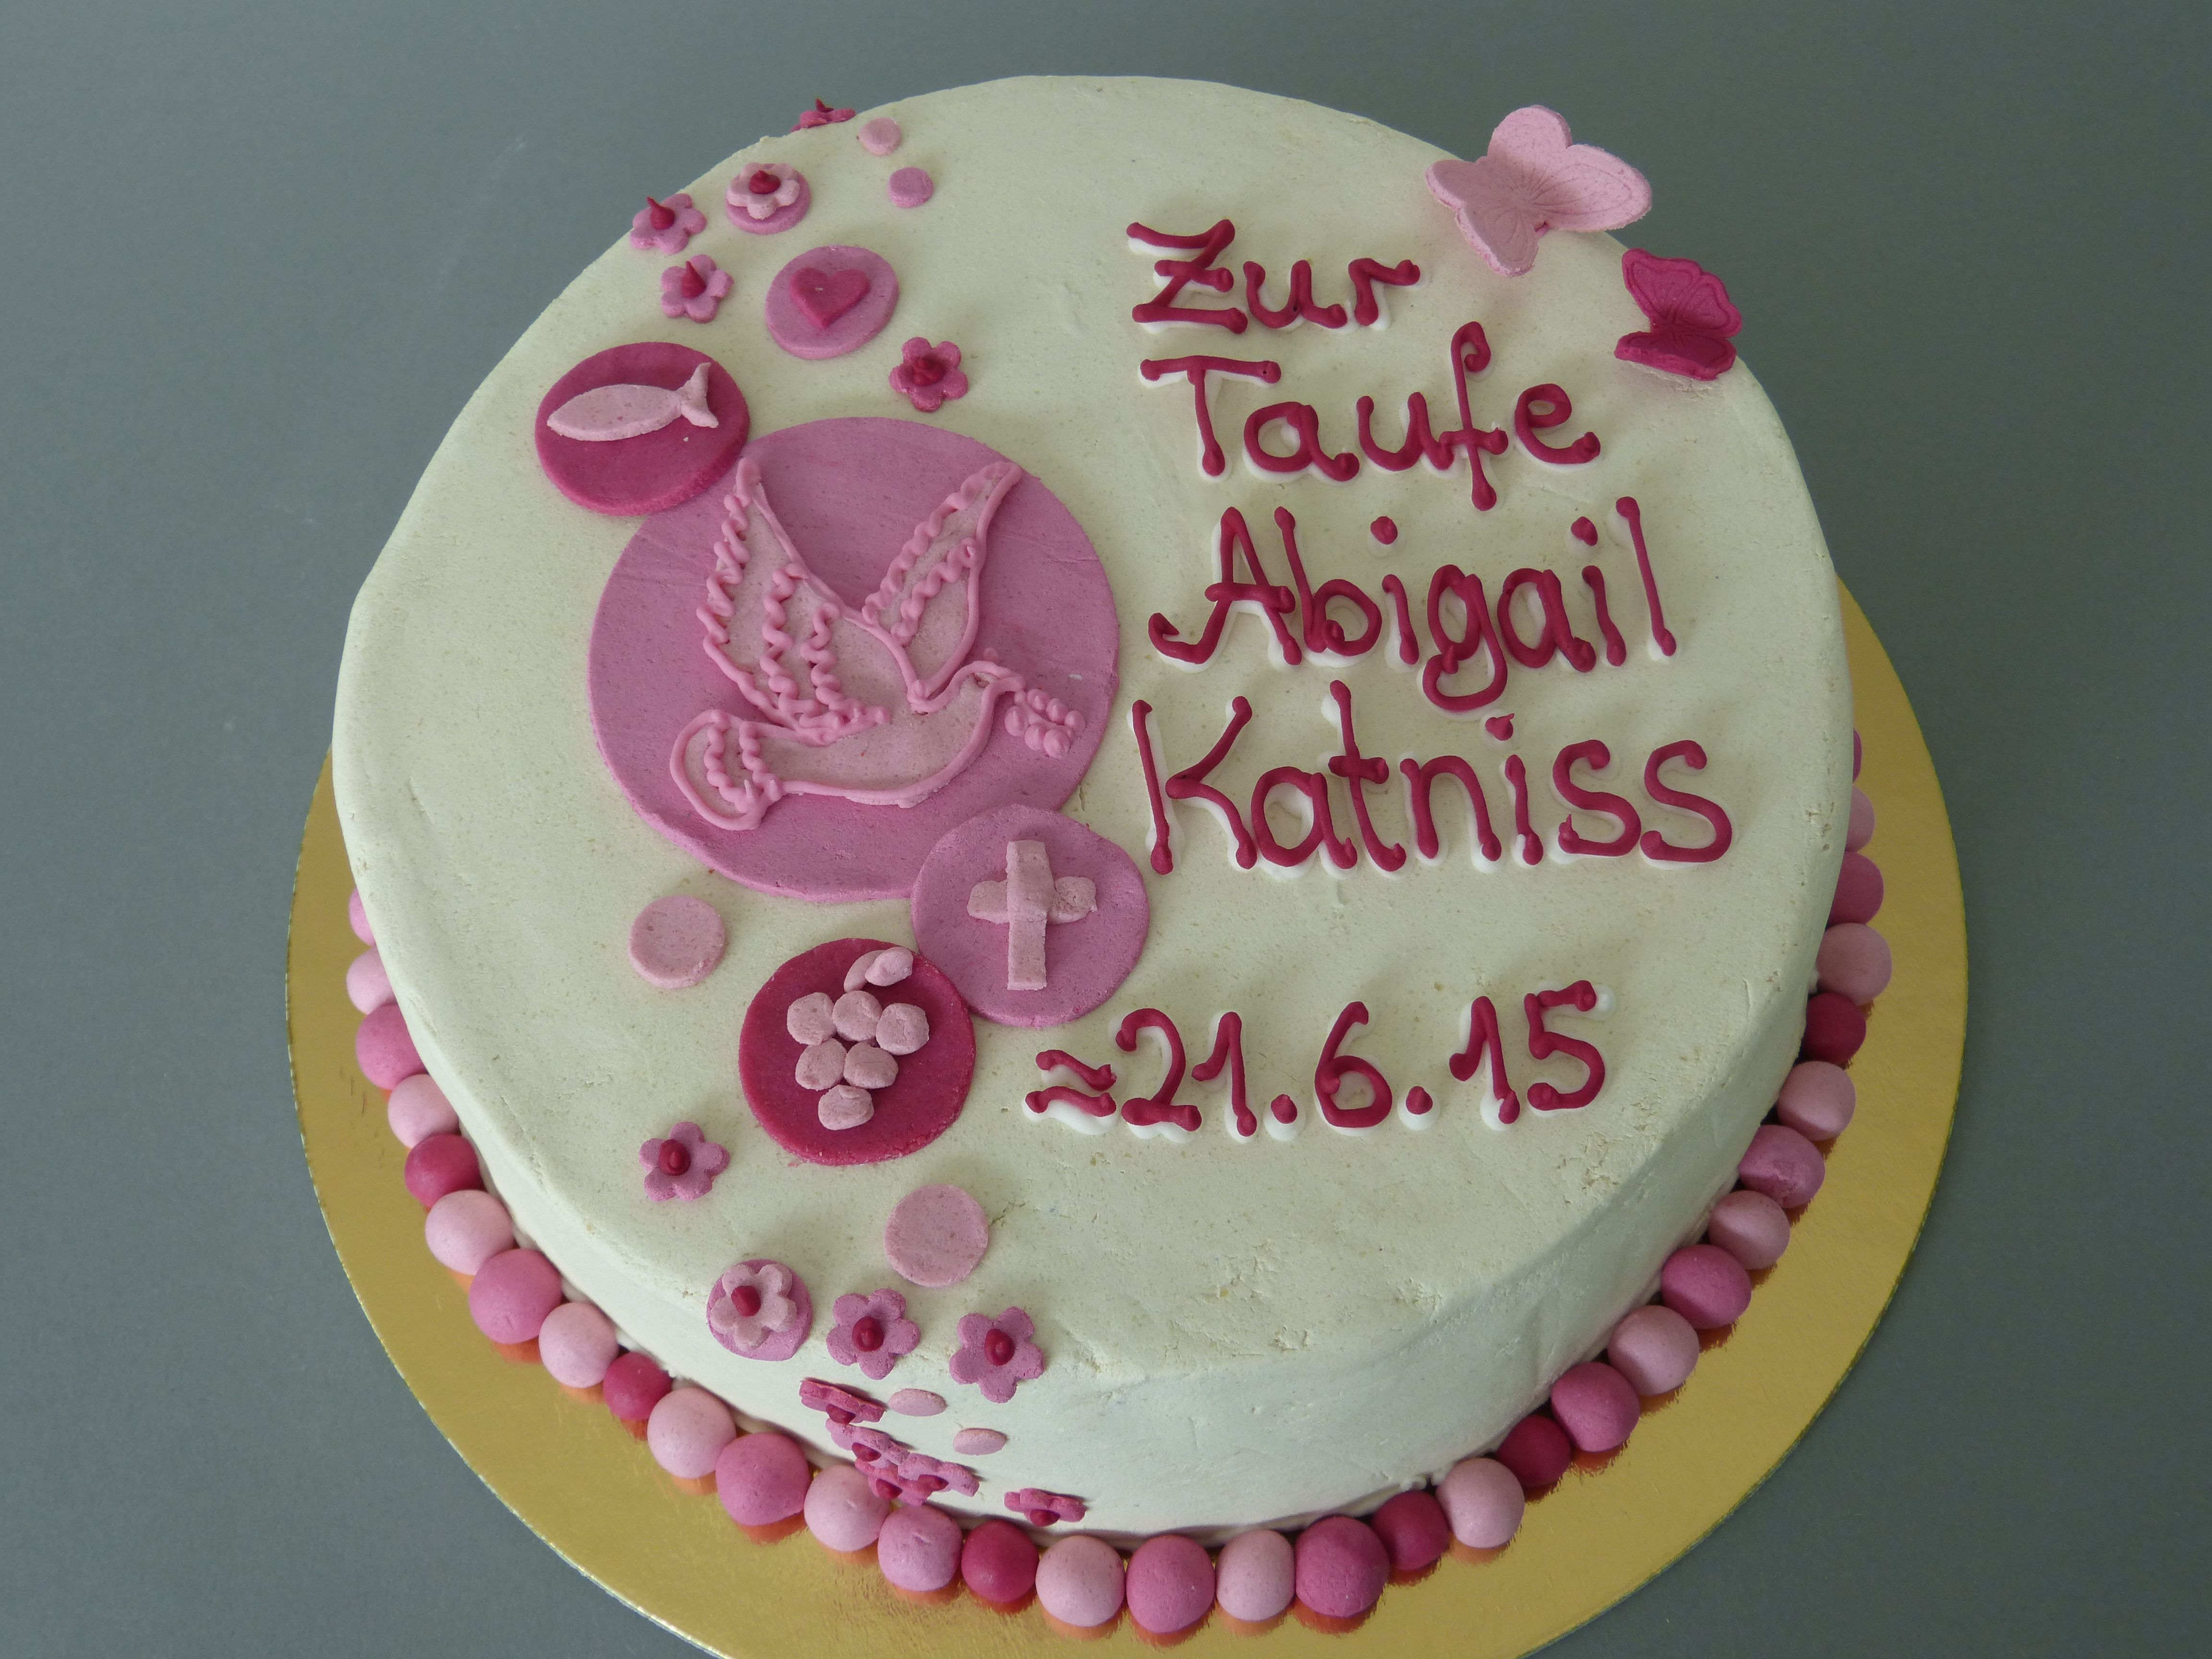 Christening CakeTauftorte Taufkuchen girl pink Cake Cube Konz Niedermennig Trier Kuchen